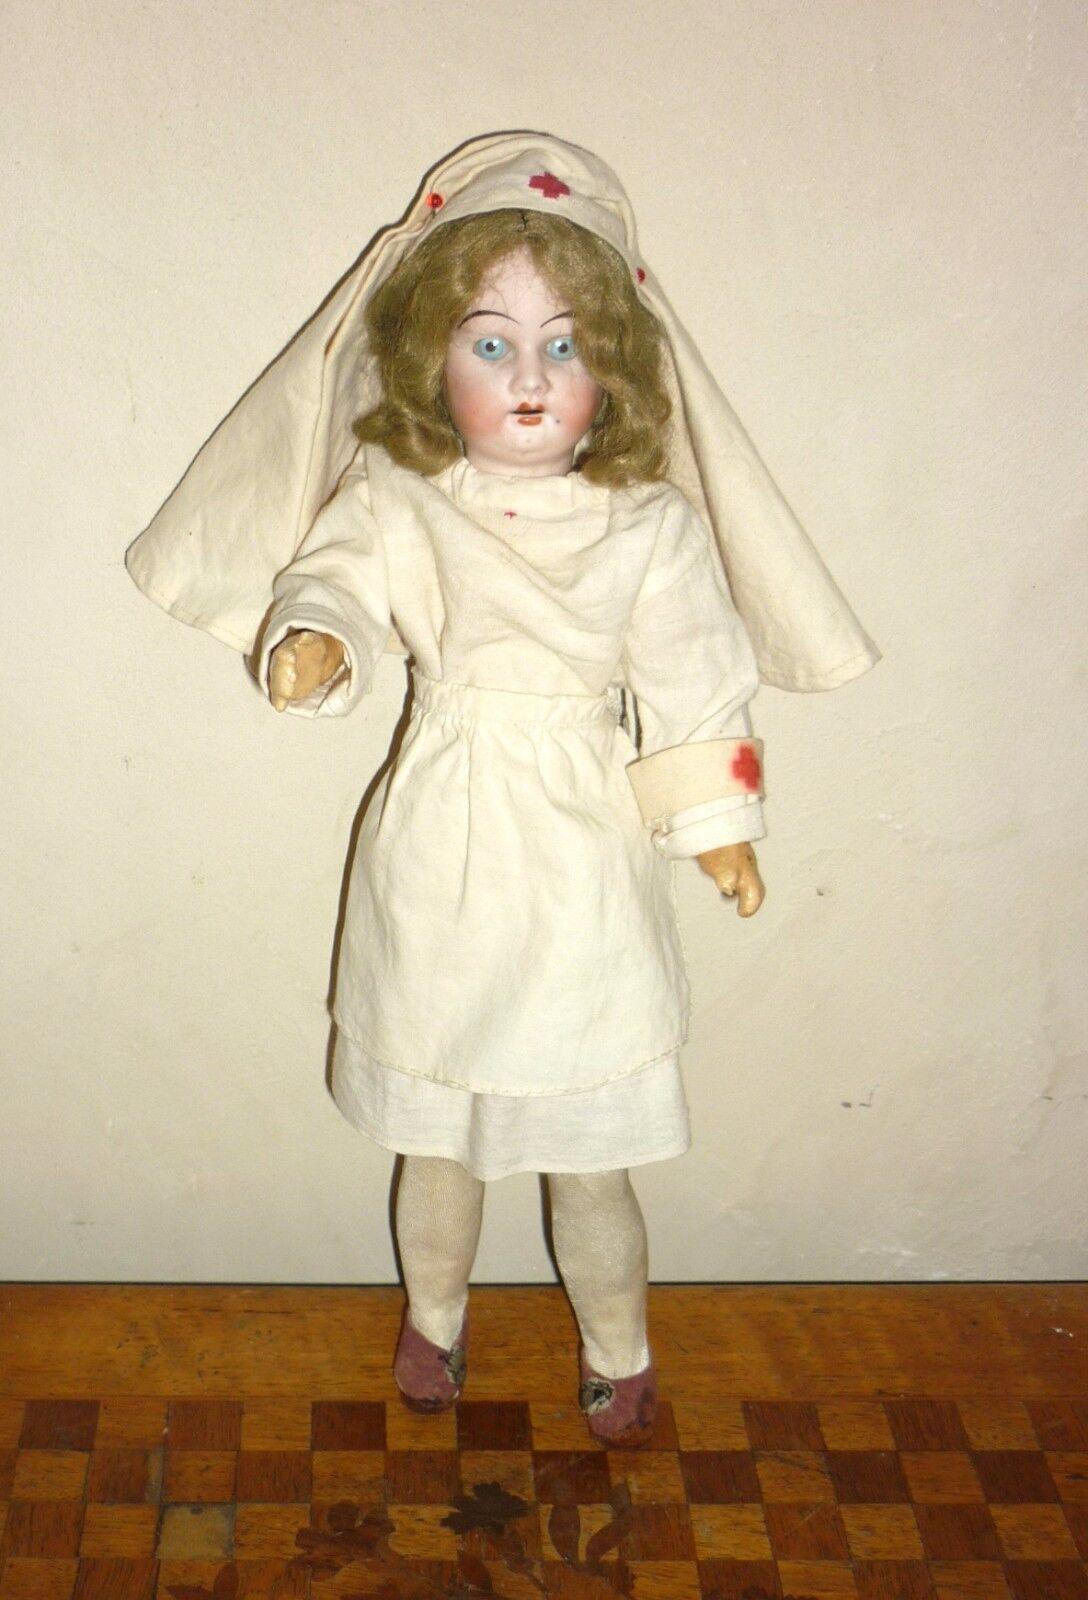 Poupée ancienne Infirmière en porcelaine 185 16 0 mignonnette H  29cm antik doll